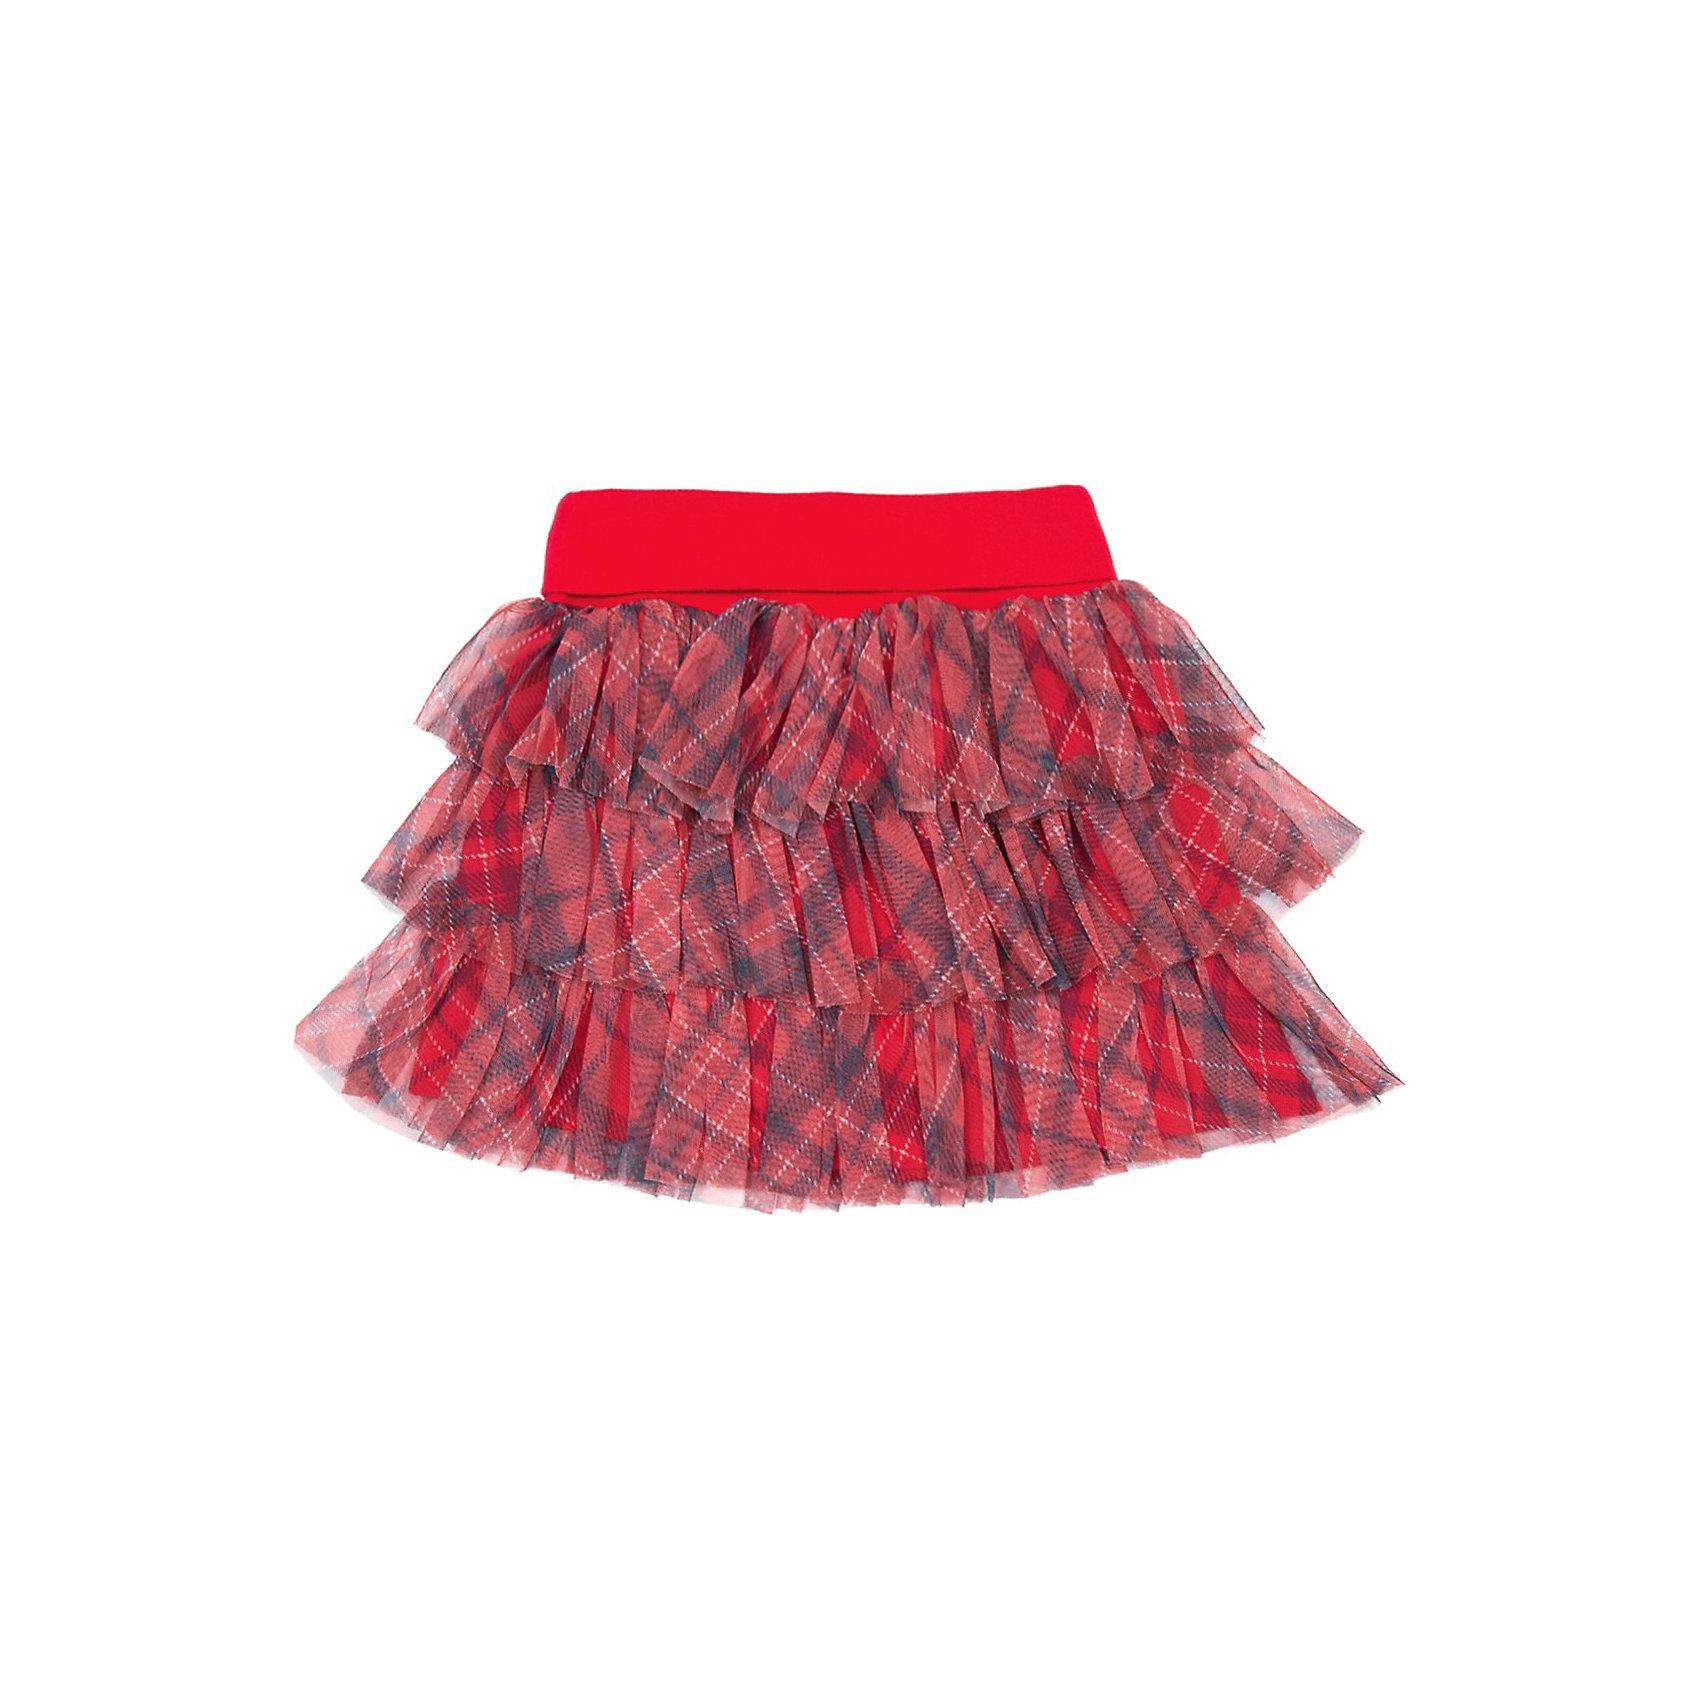 Юбка PlayTodayЮбки<br>Юбка от известной марки PlayToday<br>* основным украшением юбки являются воланы, выполненные из сетки <br>* пояс-кокетка - трикотажная резинка<br>Состав:<br>верх: 100% полиэстер, подкладка: 95% хлопок, 5% эластан<br><br>Ширина мм: 207<br>Глубина мм: 10<br>Высота мм: 189<br>Вес г: 183<br>Цвет: синий<br>Возраст от месяцев: 24<br>Возраст до месяцев: 36<br>Пол: Женский<br>Возраст: Детский<br>Размер: 98,104,128,122,116,110<br>SKU: 3745227